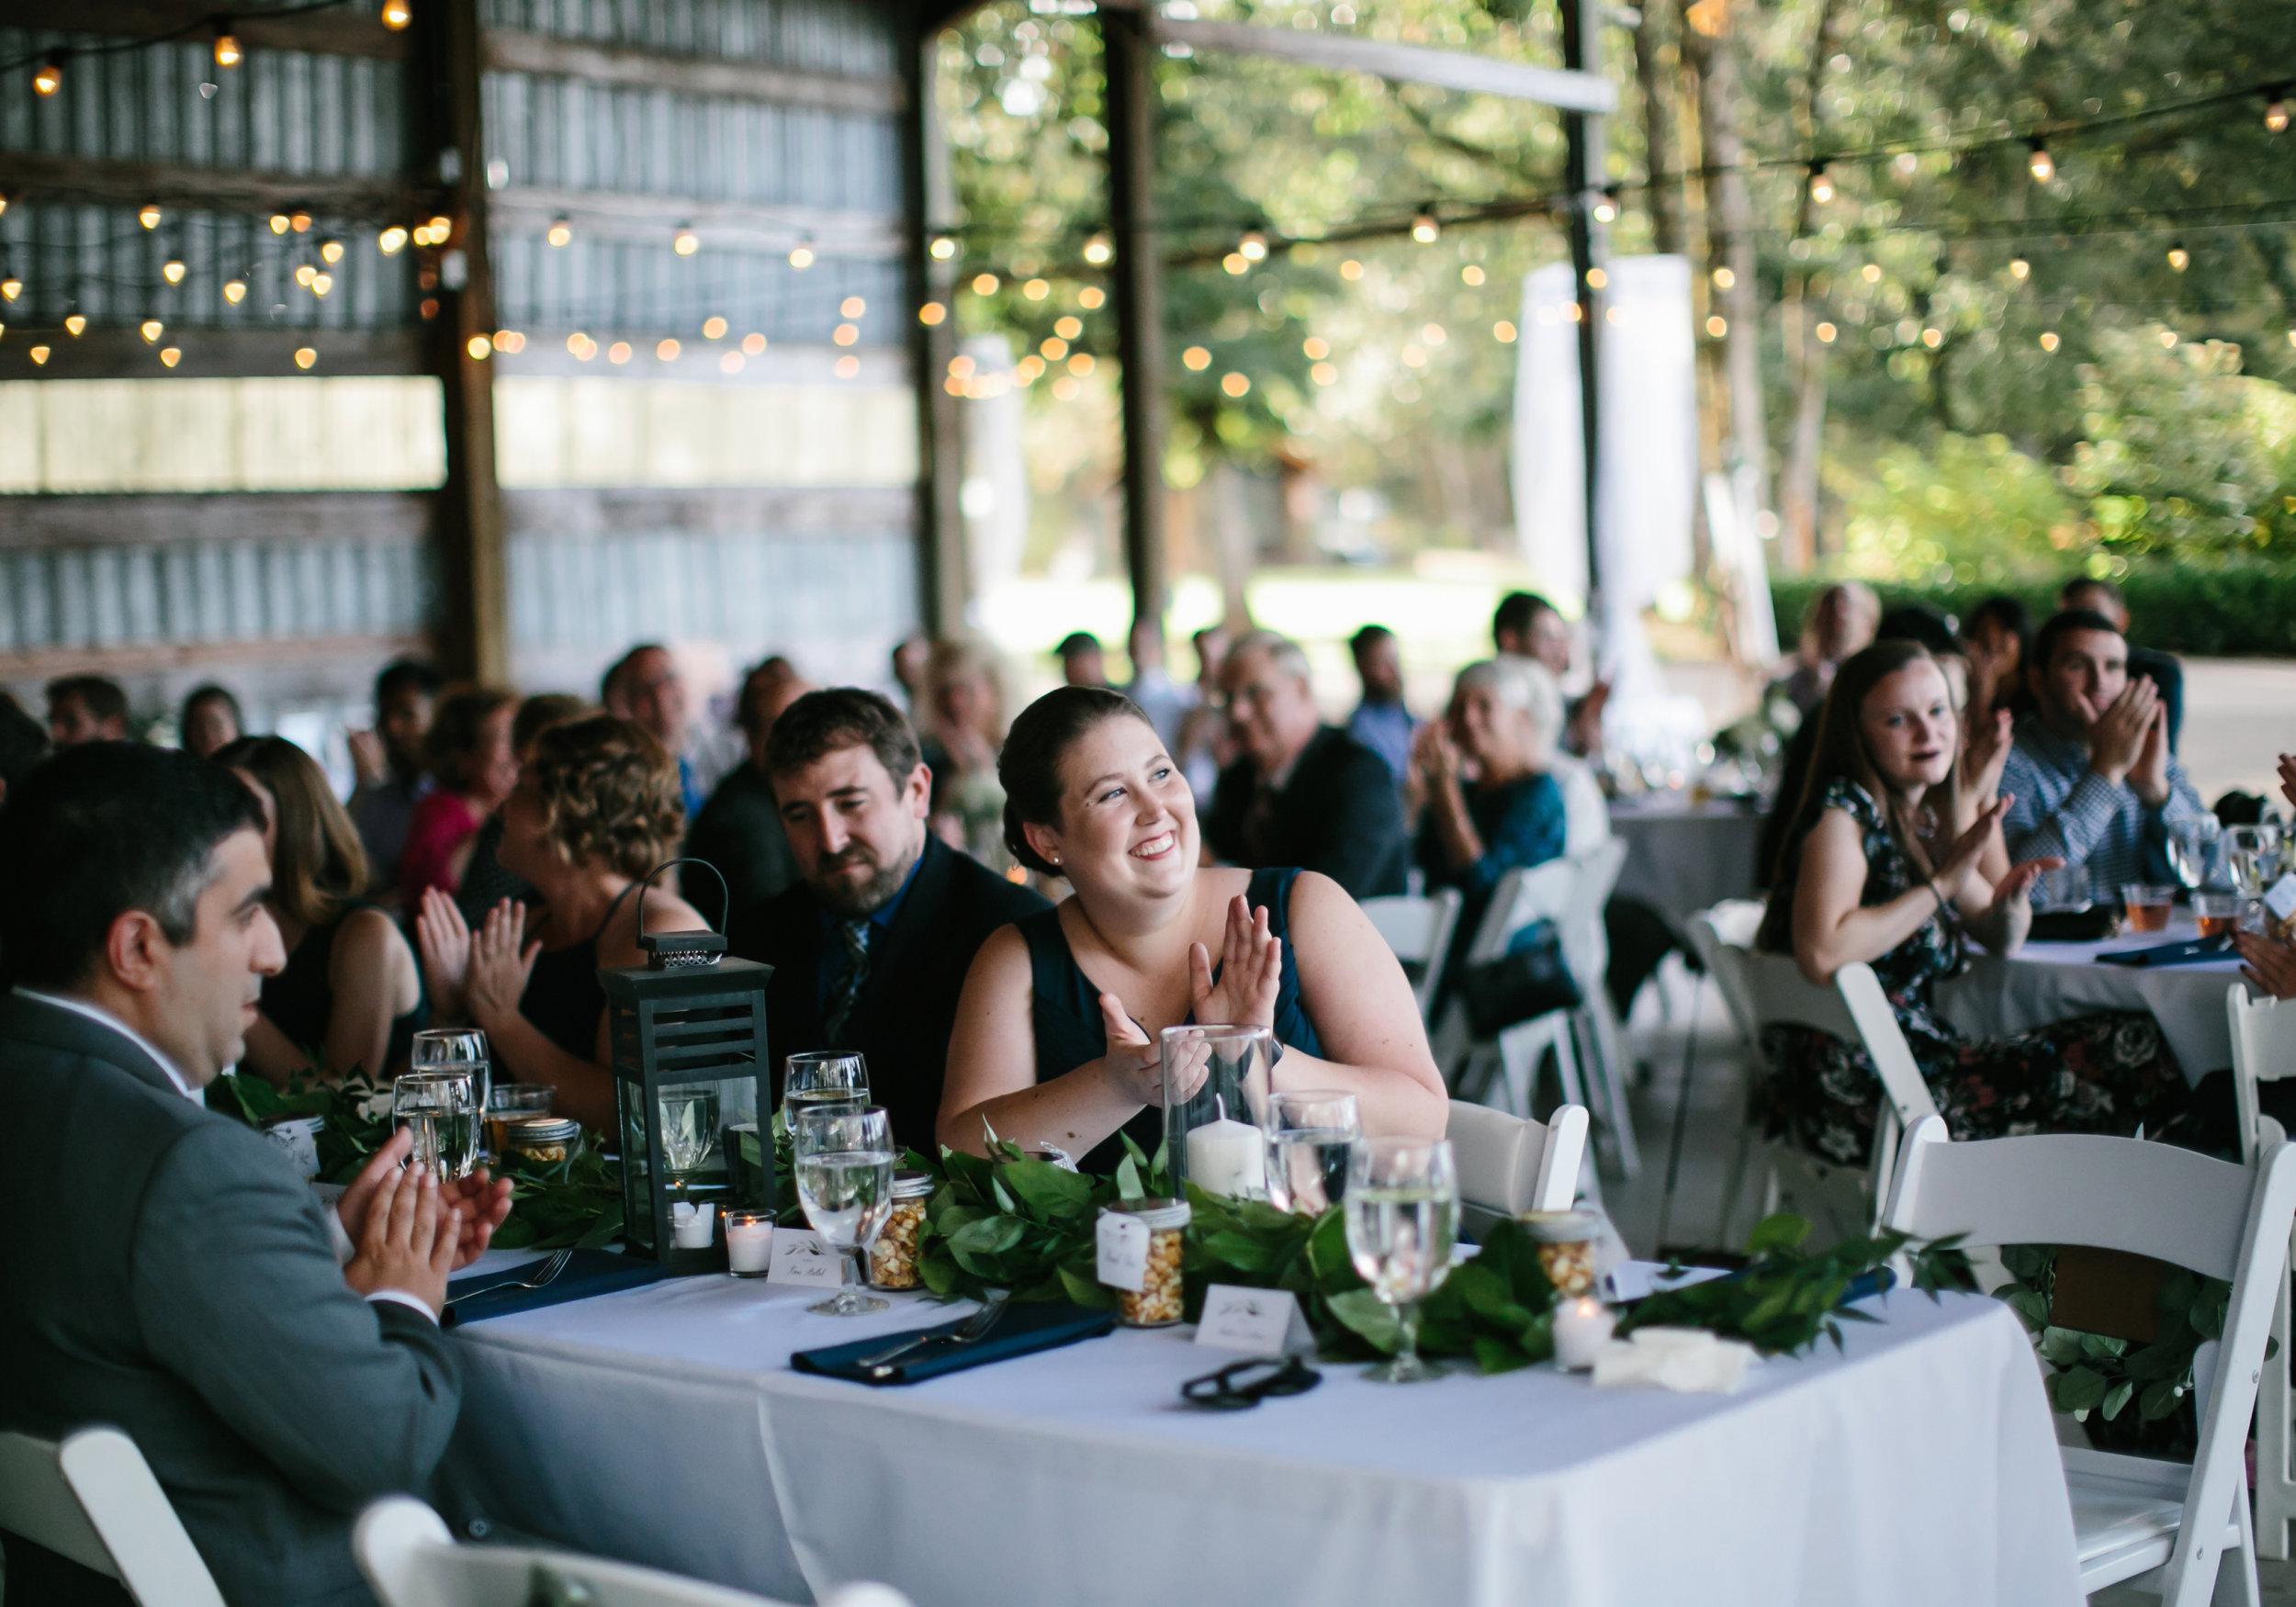 scholls-valley-lodge-wedding-photographer-ashley-courter0019.JPG